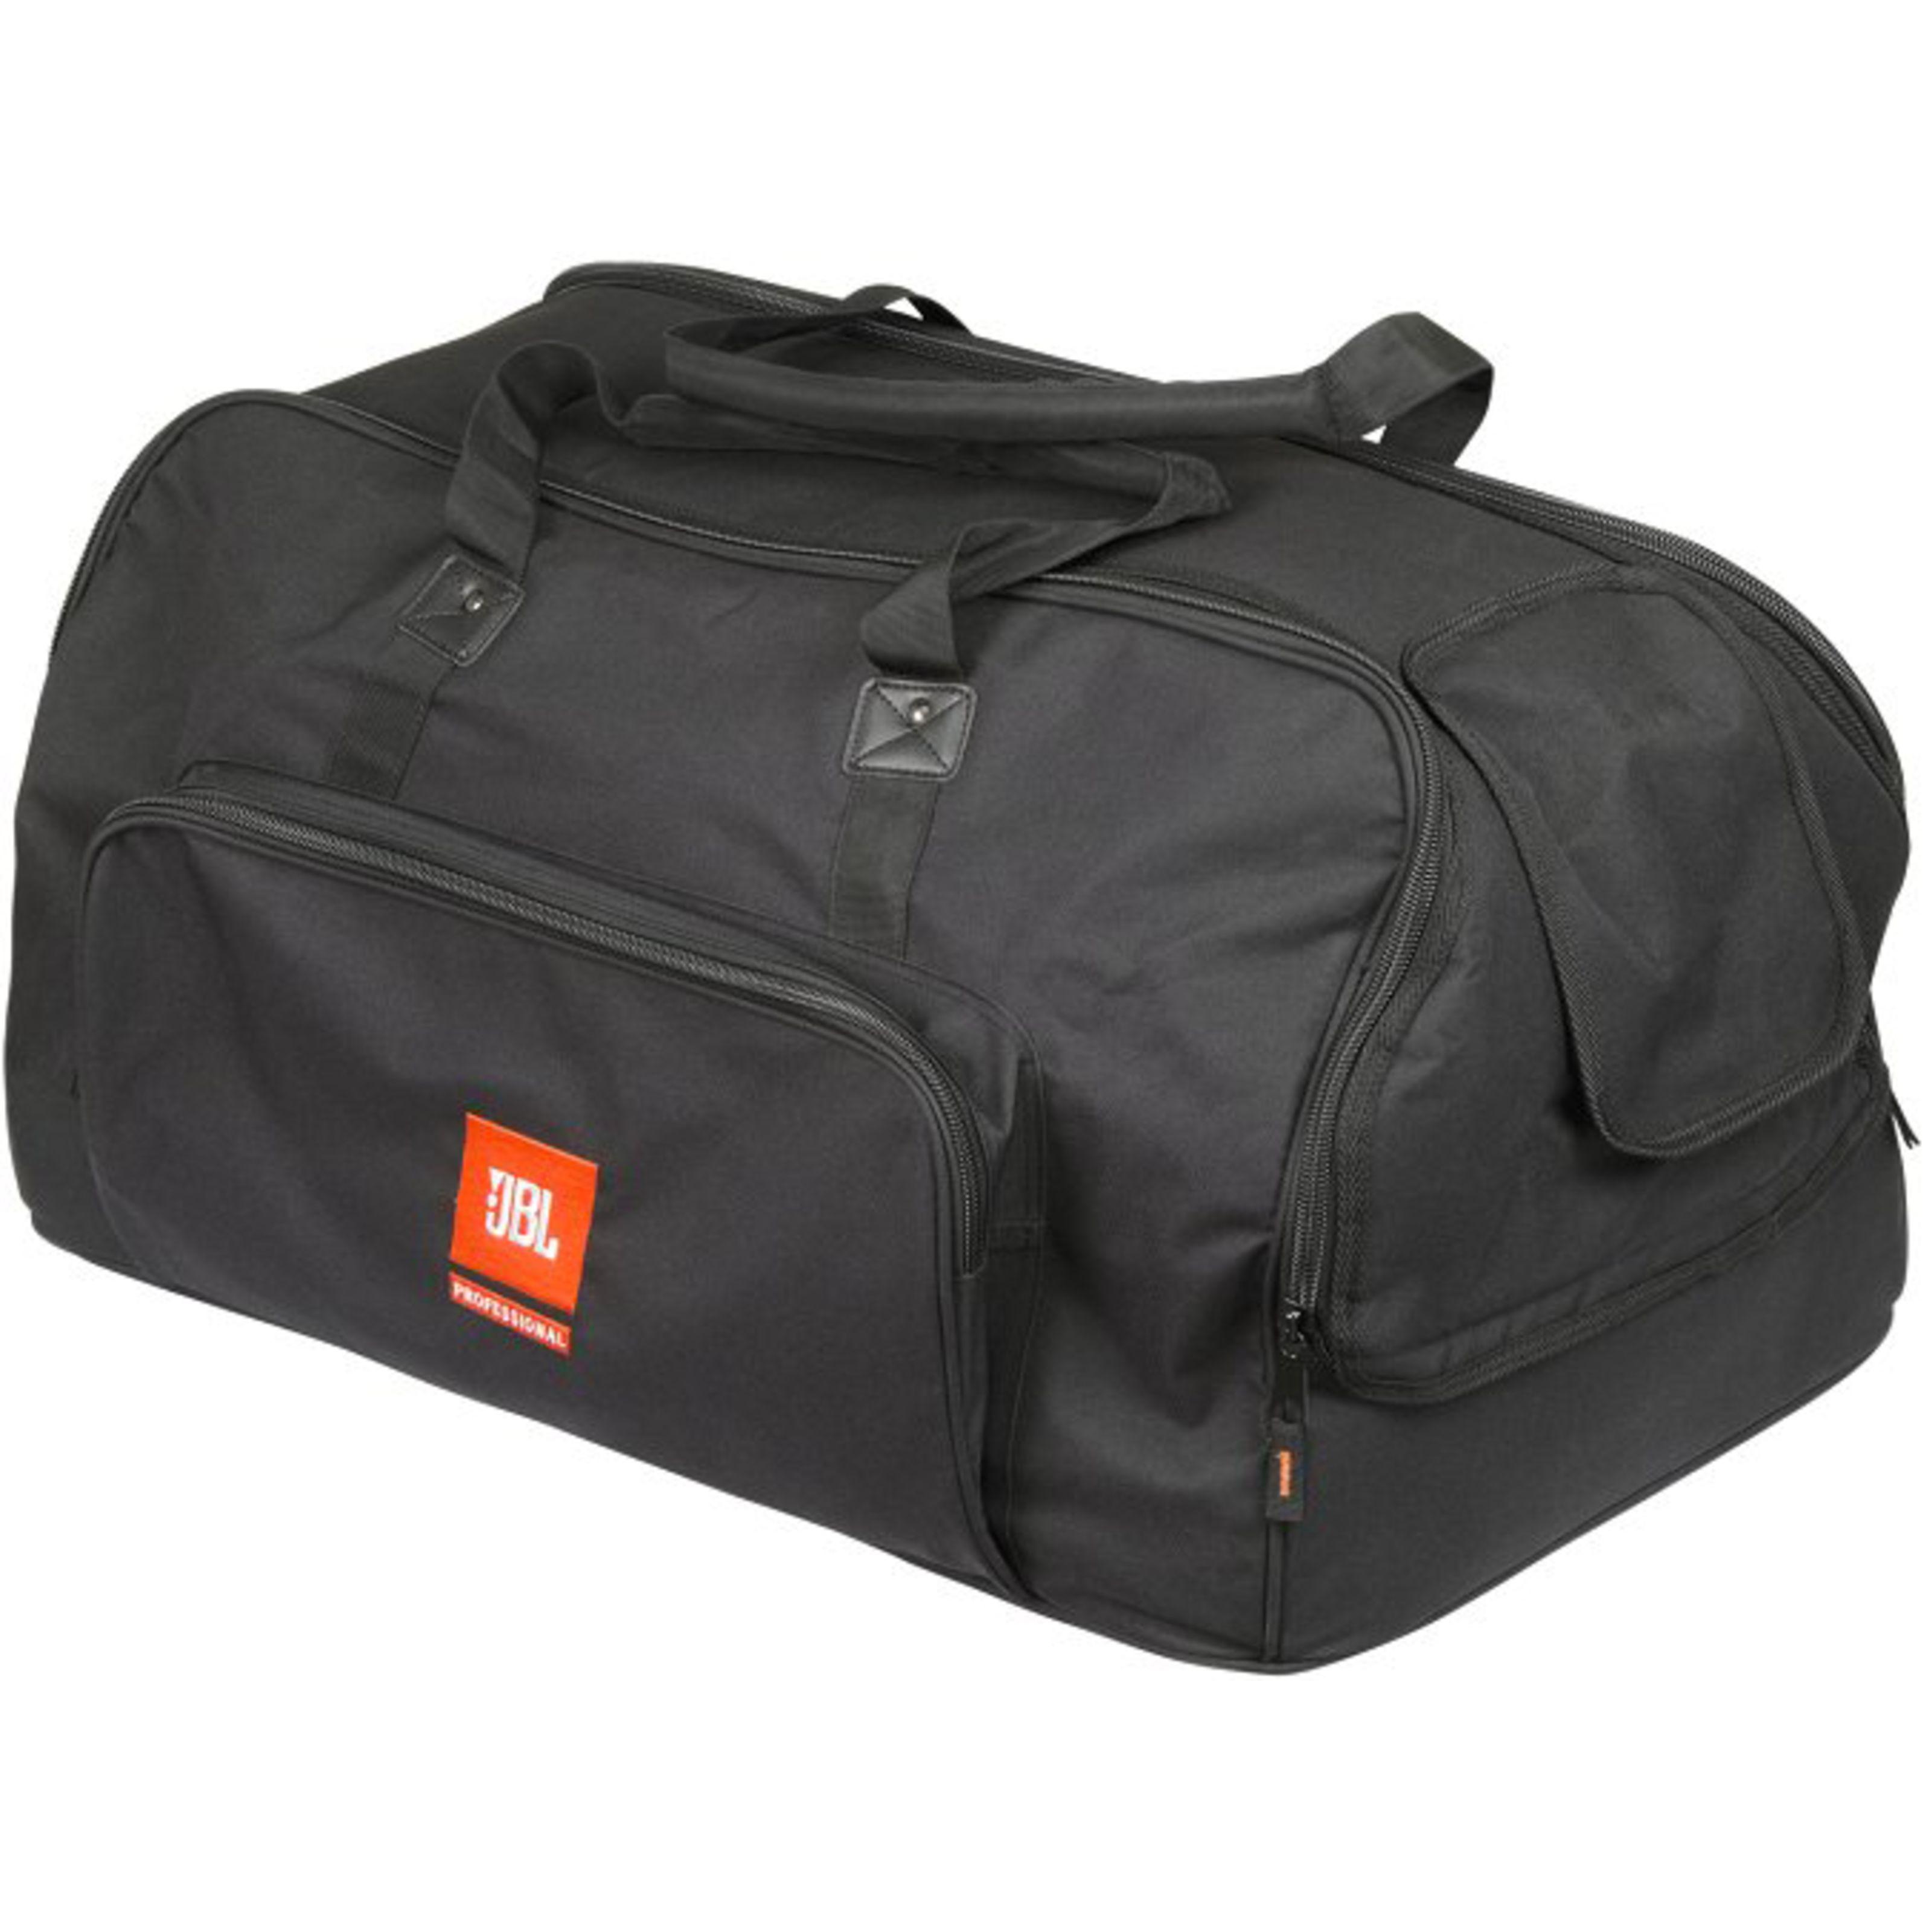 JBL - EON 615-BAG Transporttasche f. JBL EON 615